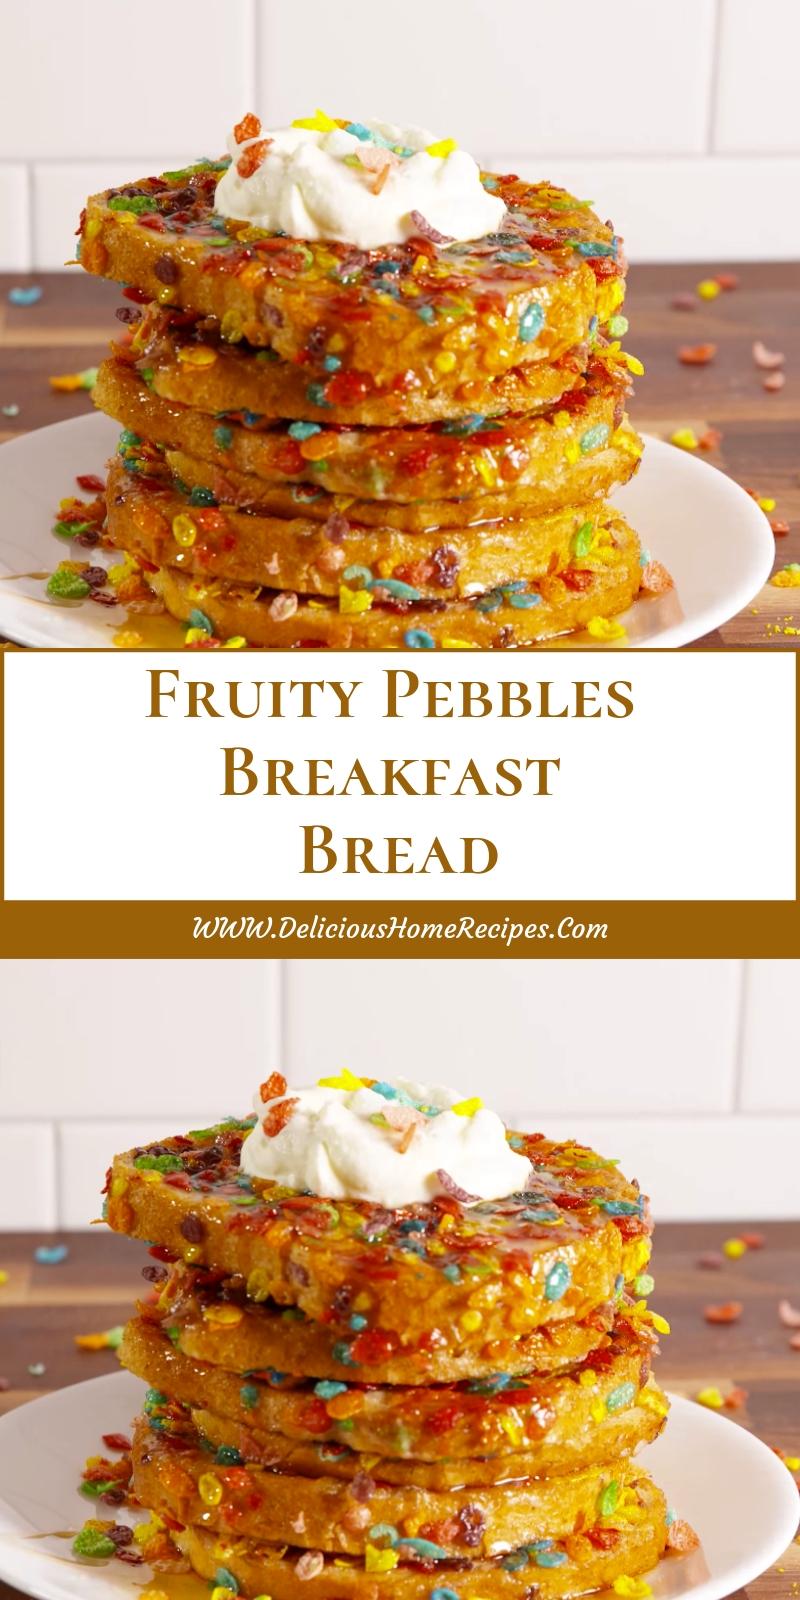 Fruity Pebbles Breakfast Bread